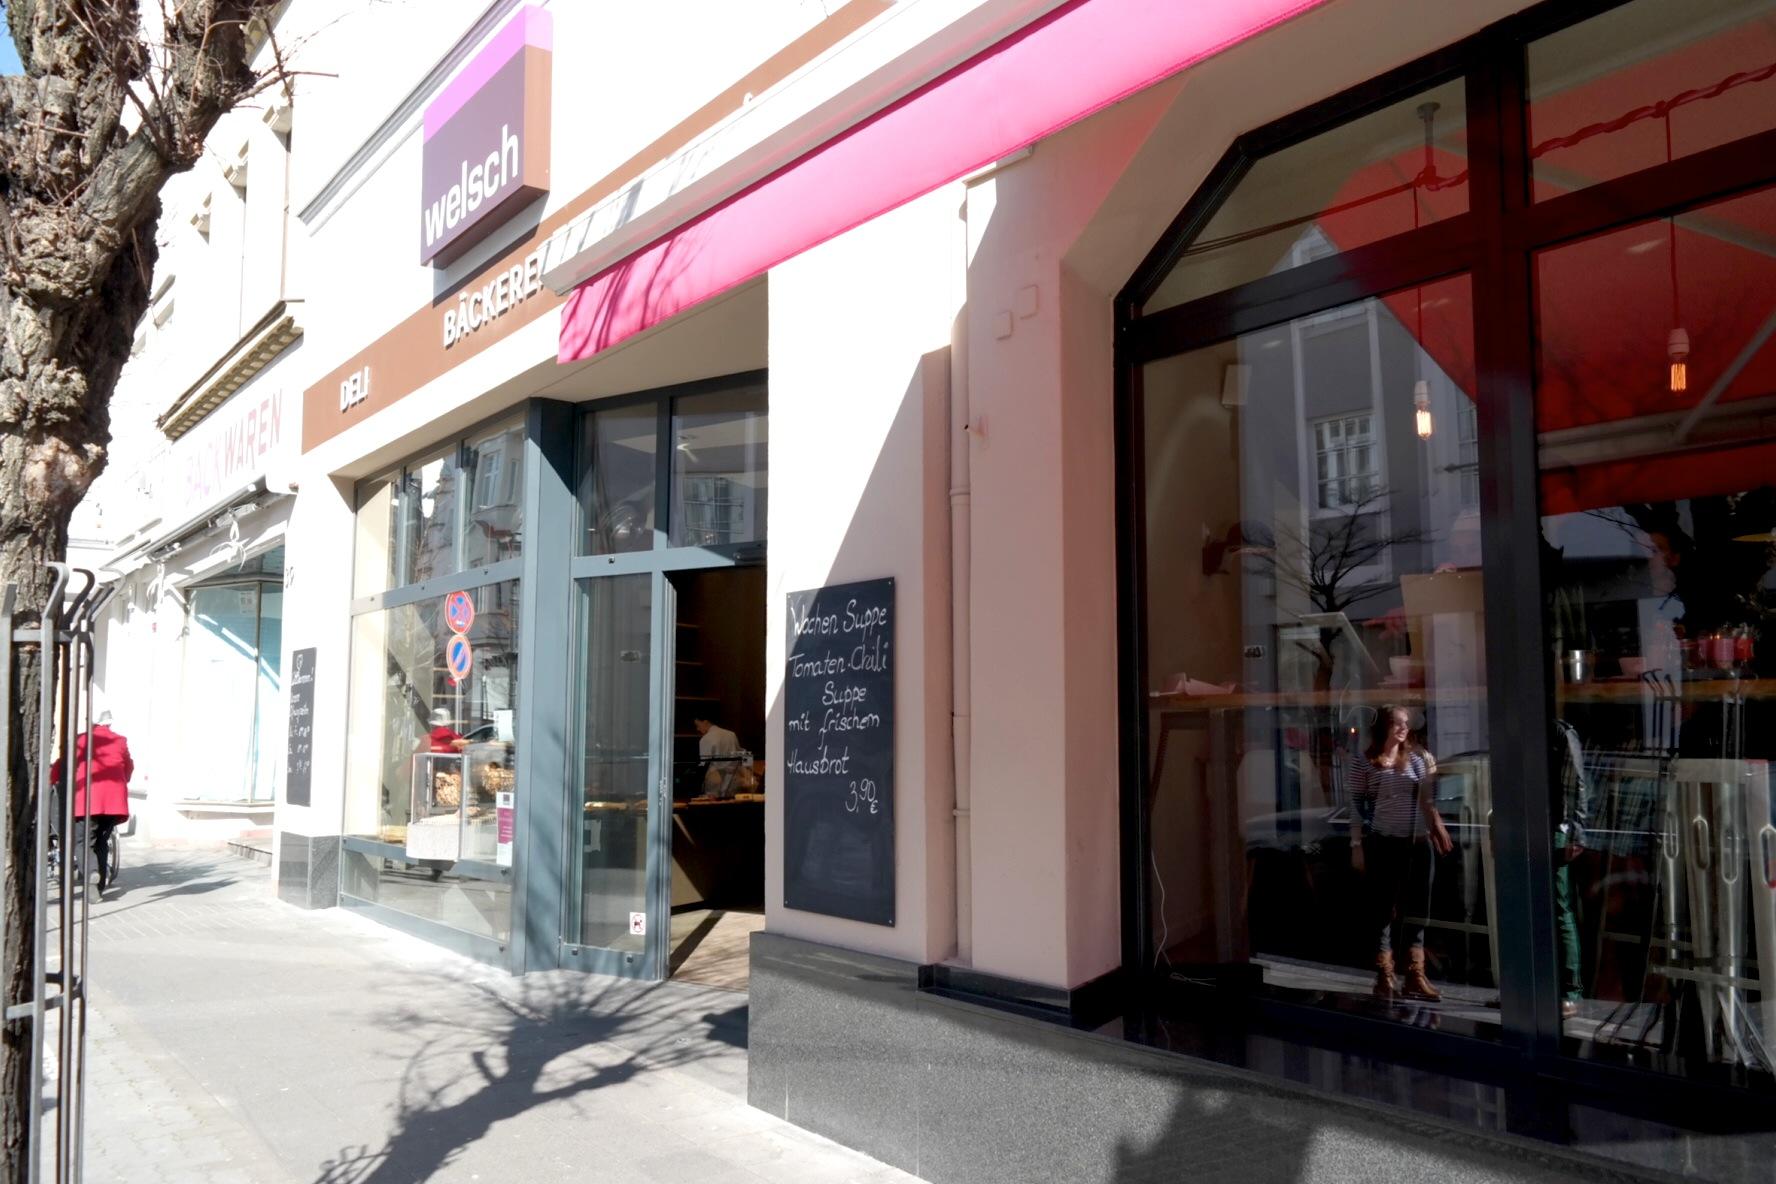 Da hat mal ein Café für Blogger mitgedacht :) // Café Welsch in Bad Honnef